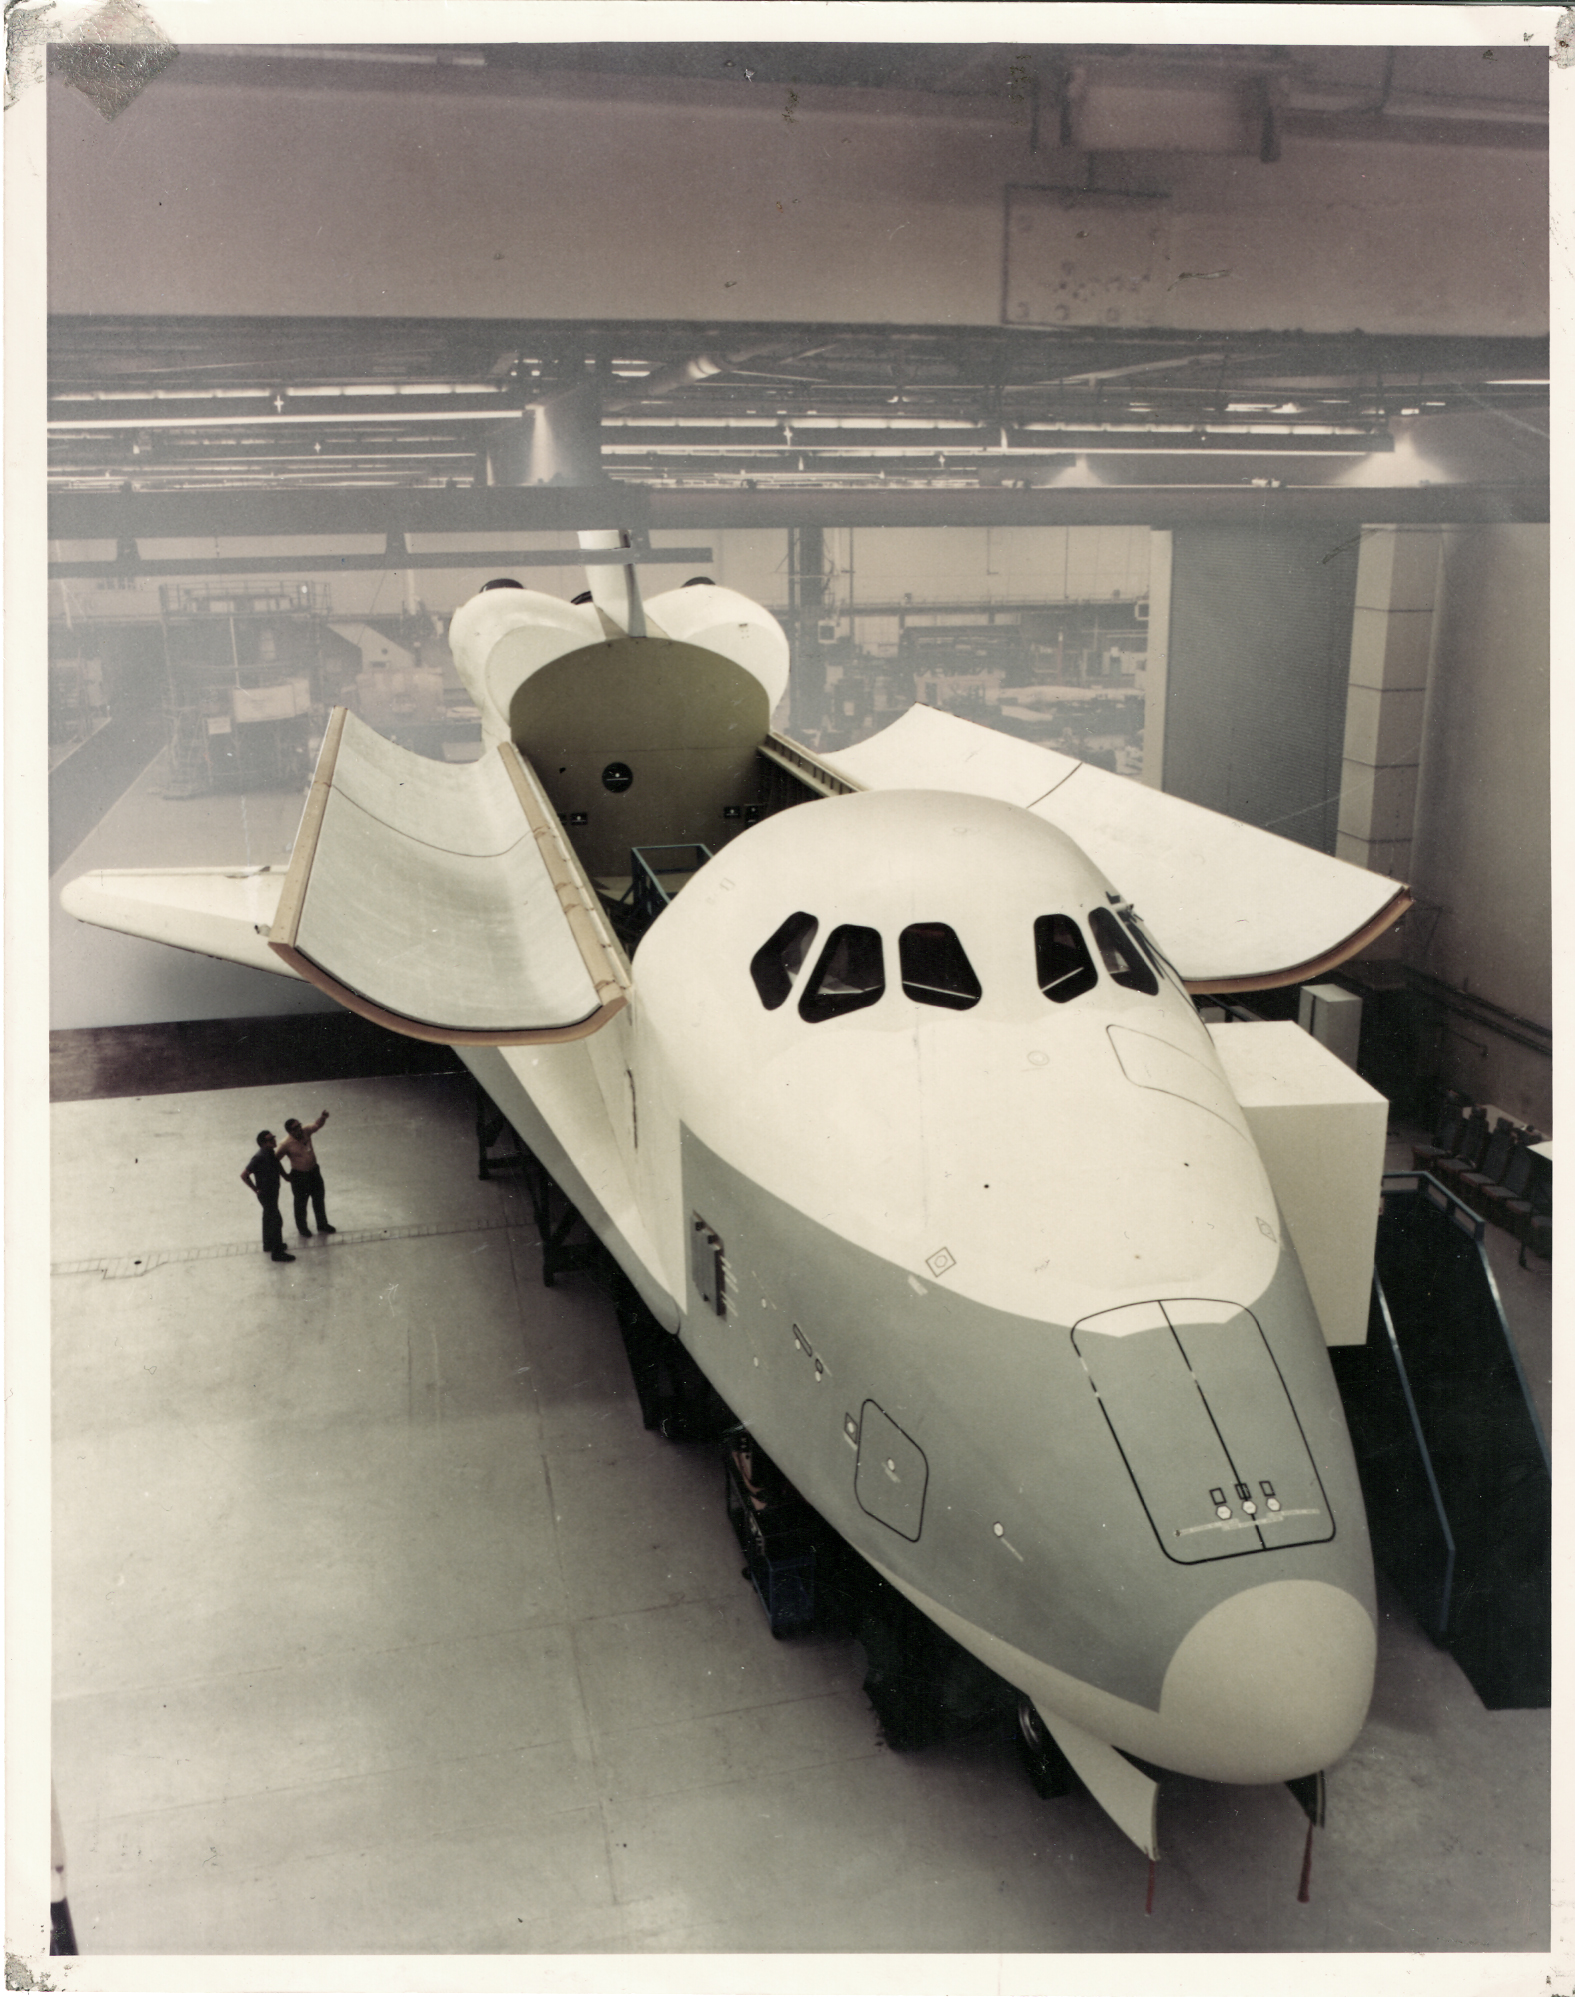 Shuttle Orbiter Mock-Up